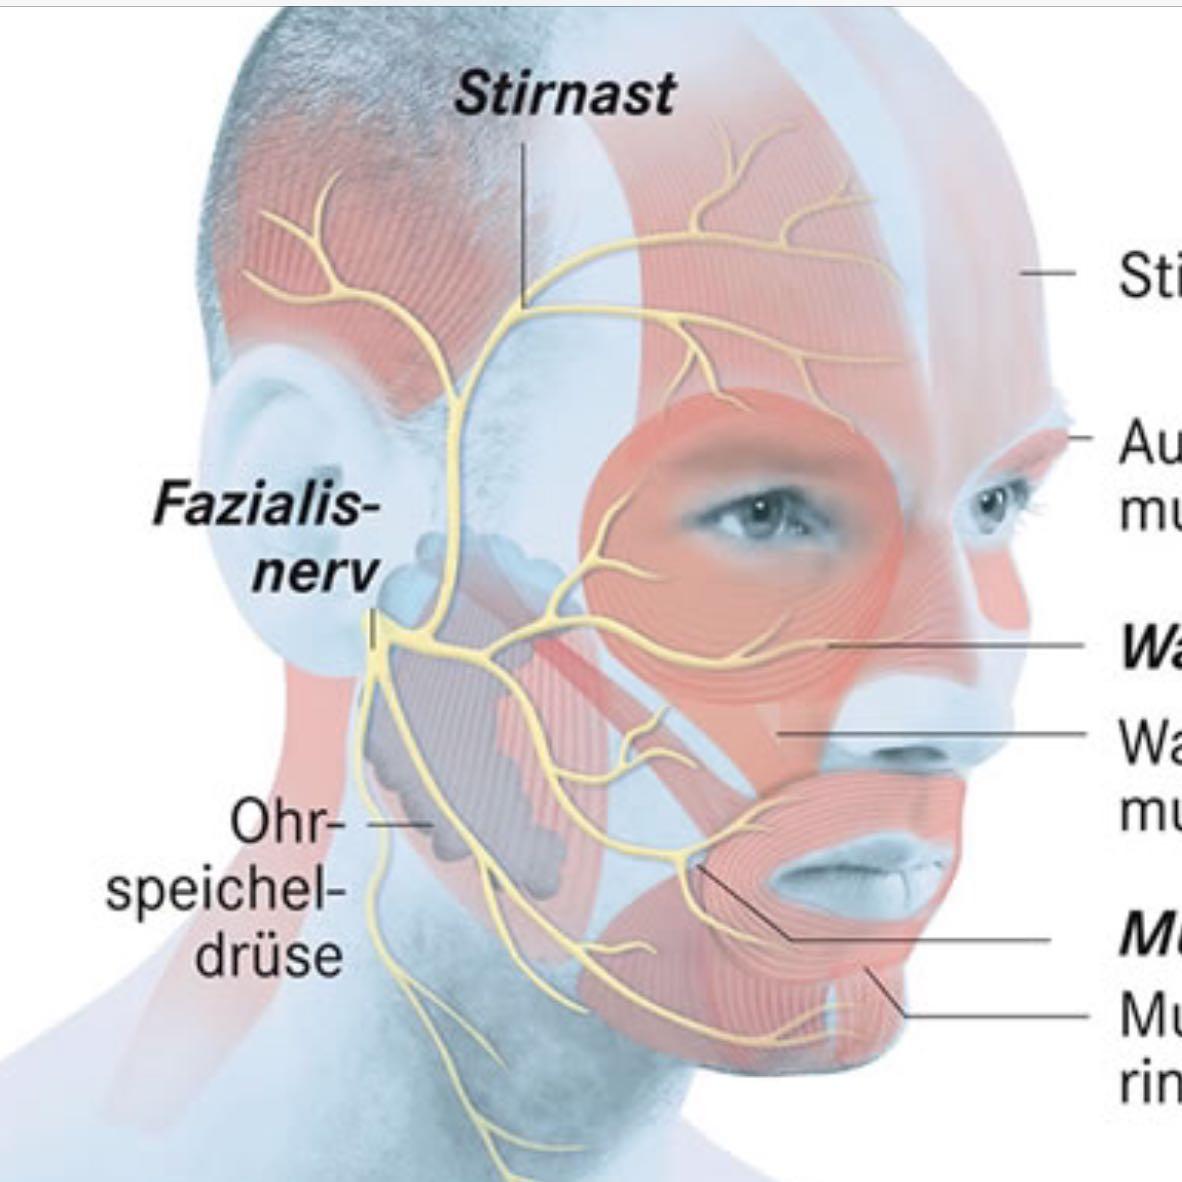 Der Doktor kasakbajew die Laserchirurgie des Auges